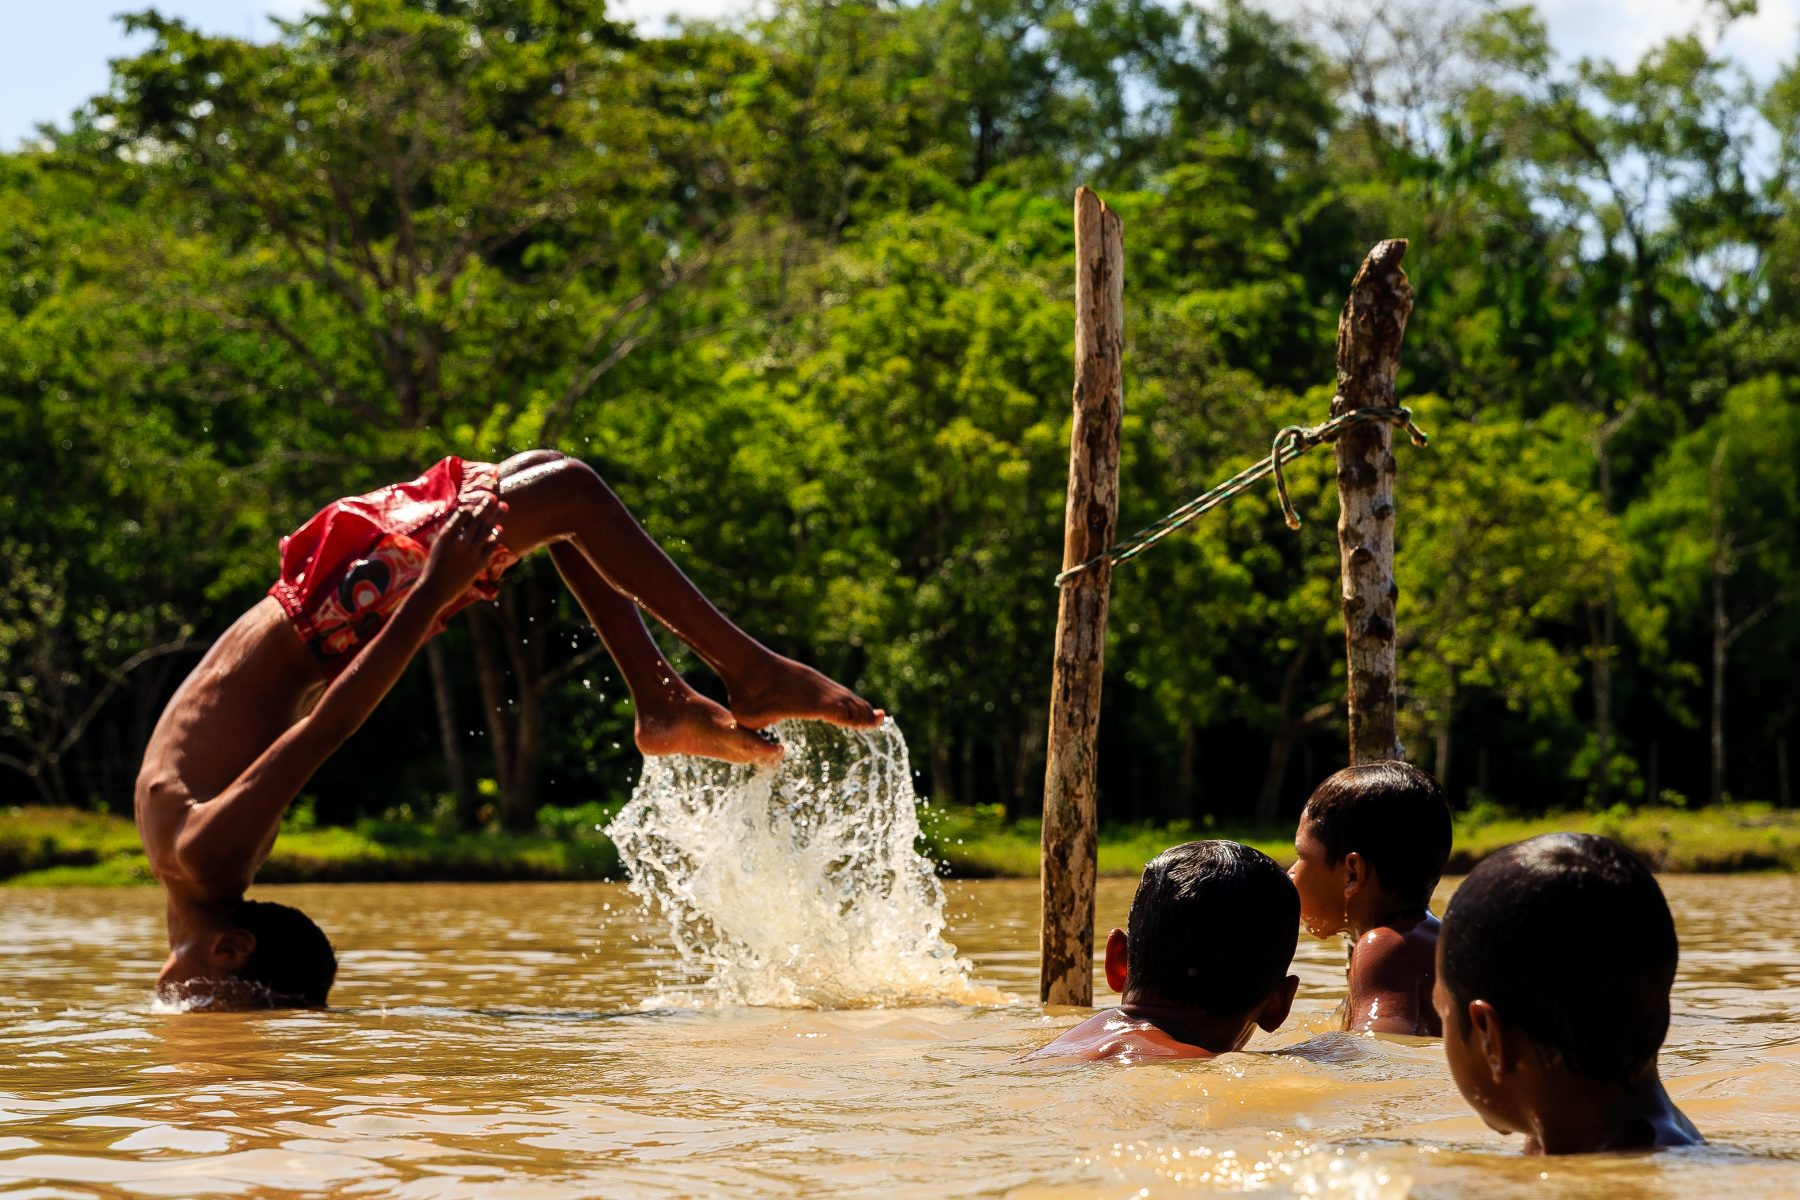 Photo couleur de Diego Baravelli de garçons nageant dans une rivière, Brésil